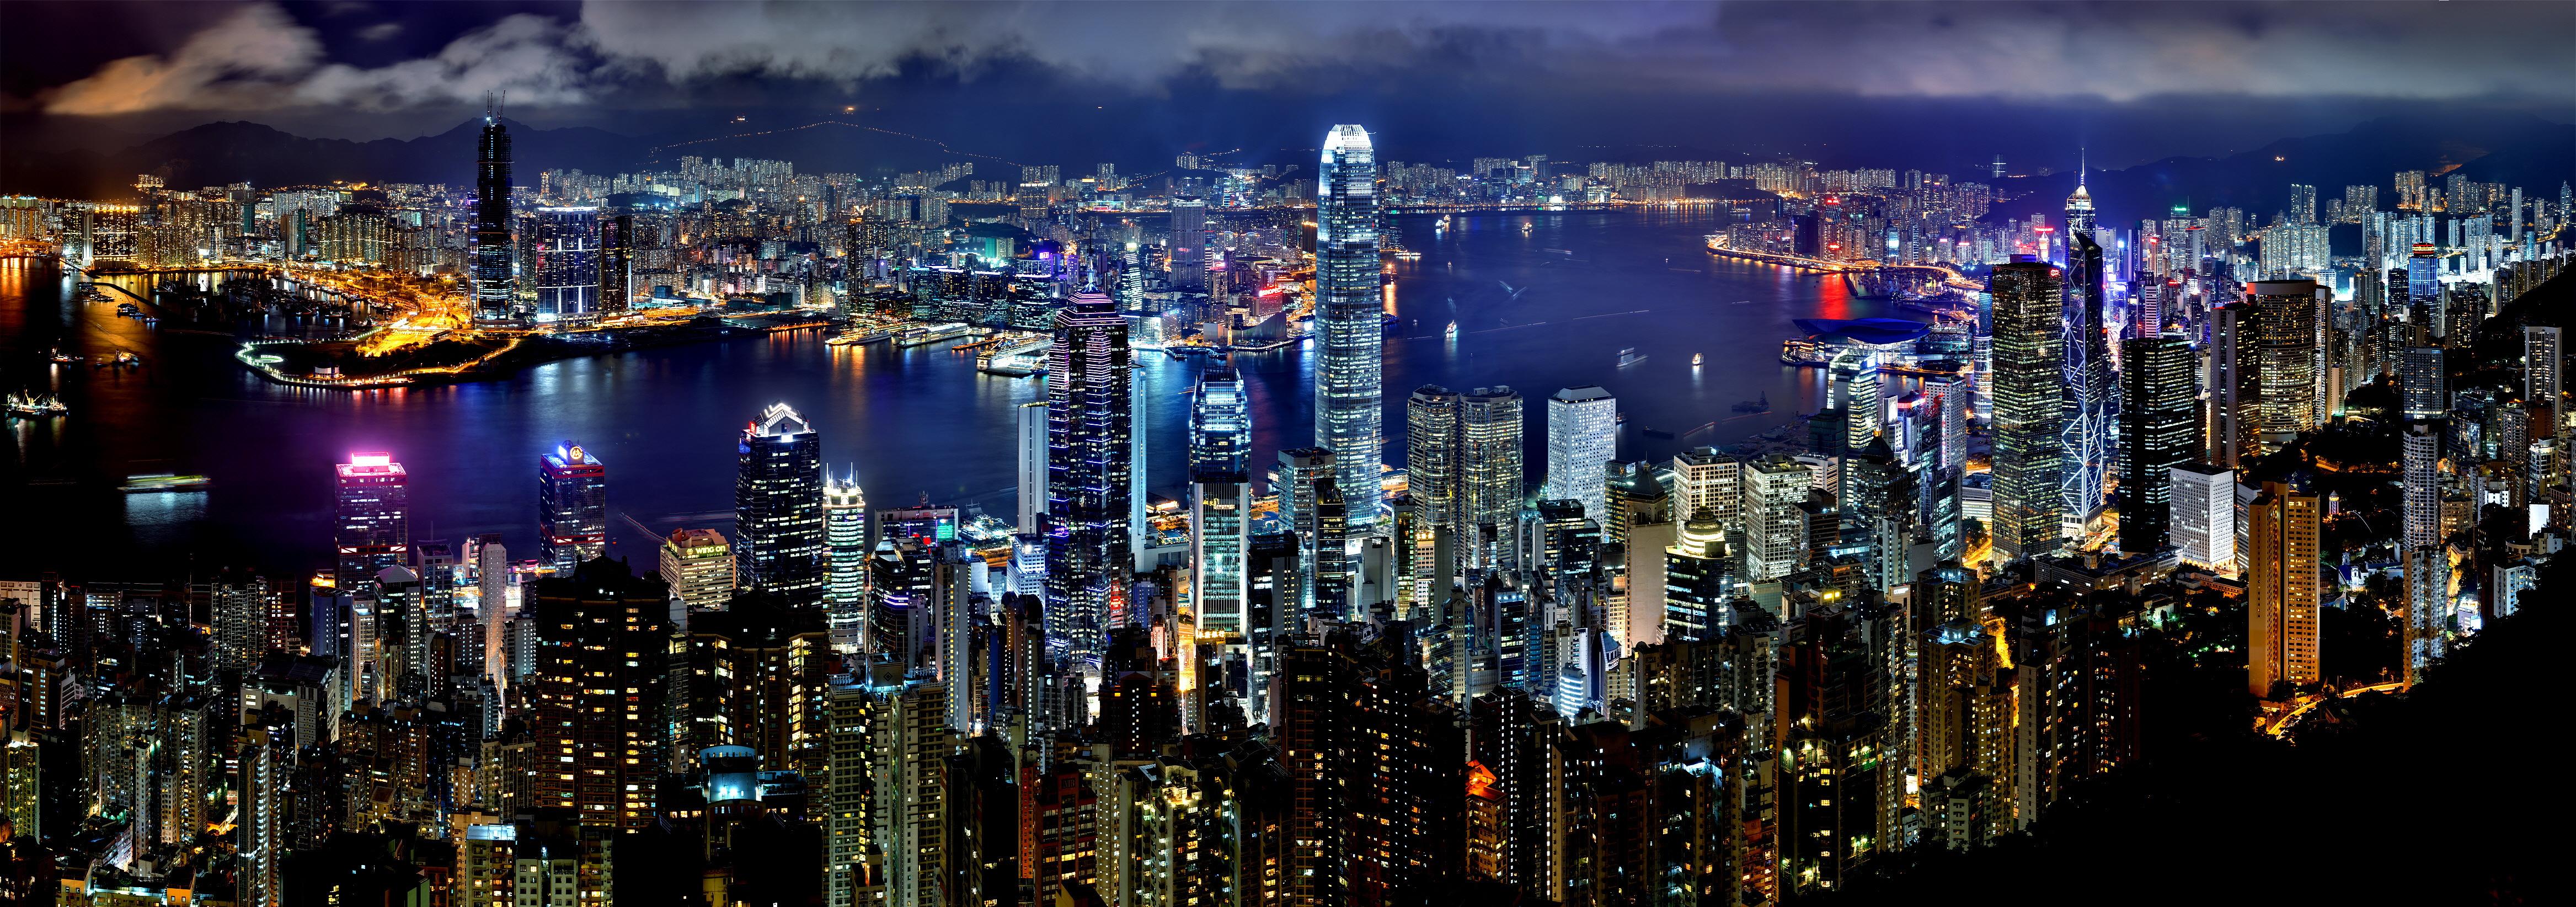 ผลการค้นหารูปภาพสำหรับ Hong Kong